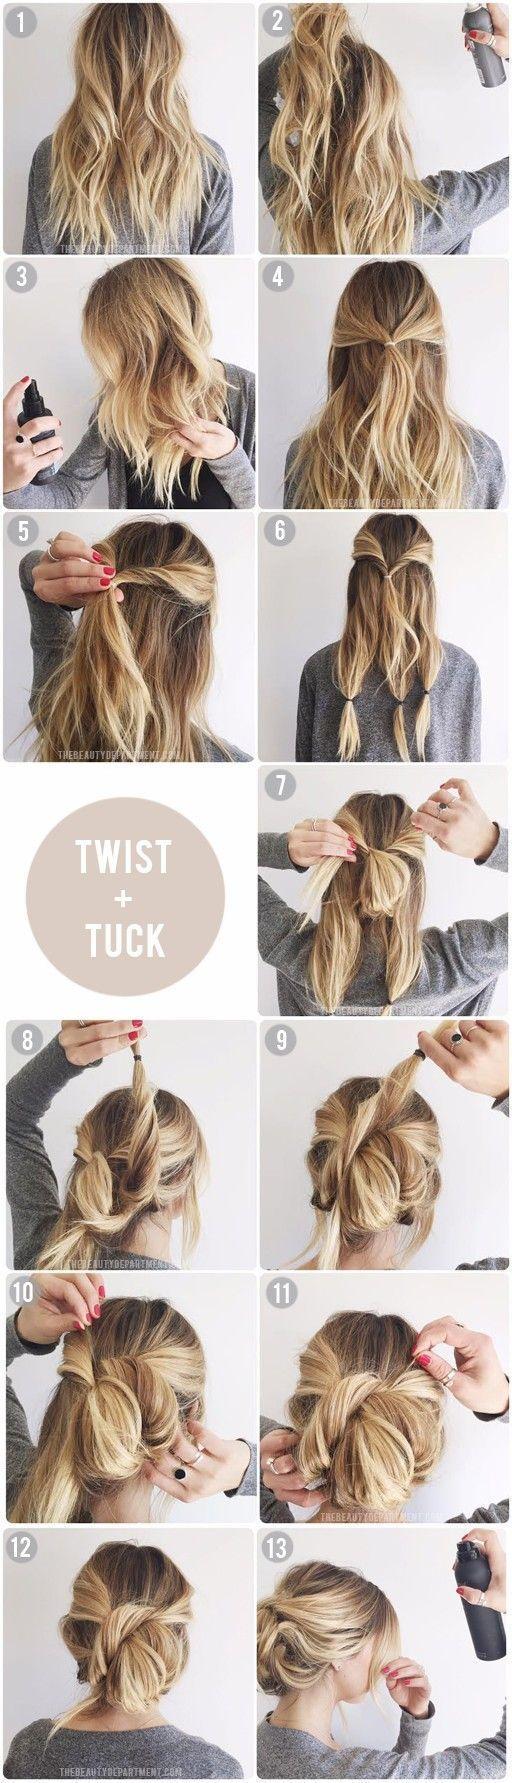 o updo mais fácil beleza do departamento de cabelereiro já tutorial